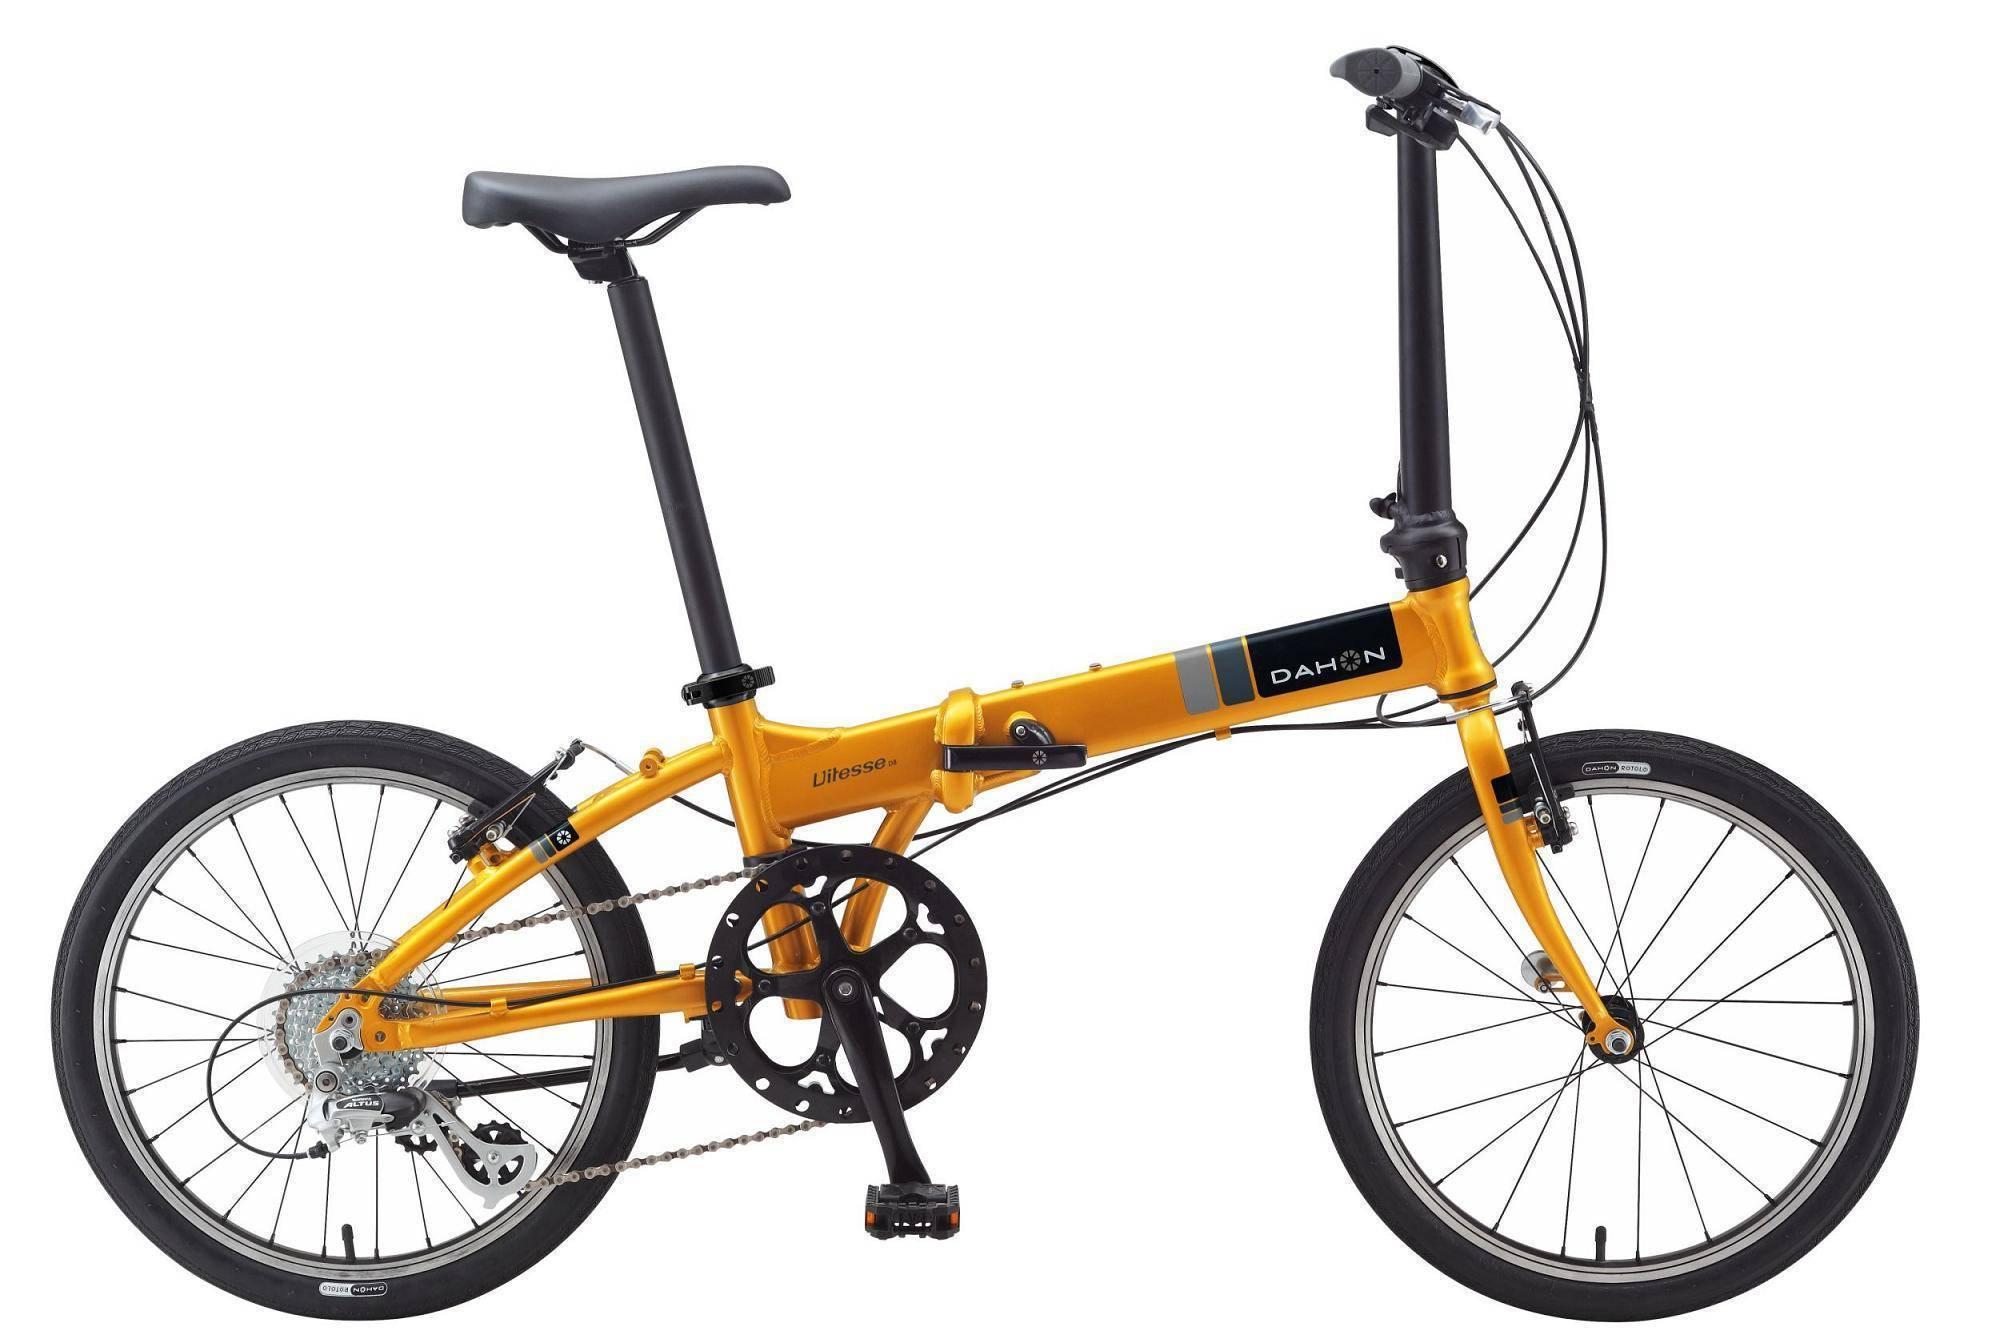 слушать распродажа велосипедов взрослых в москве страницу пользователя, чтобы